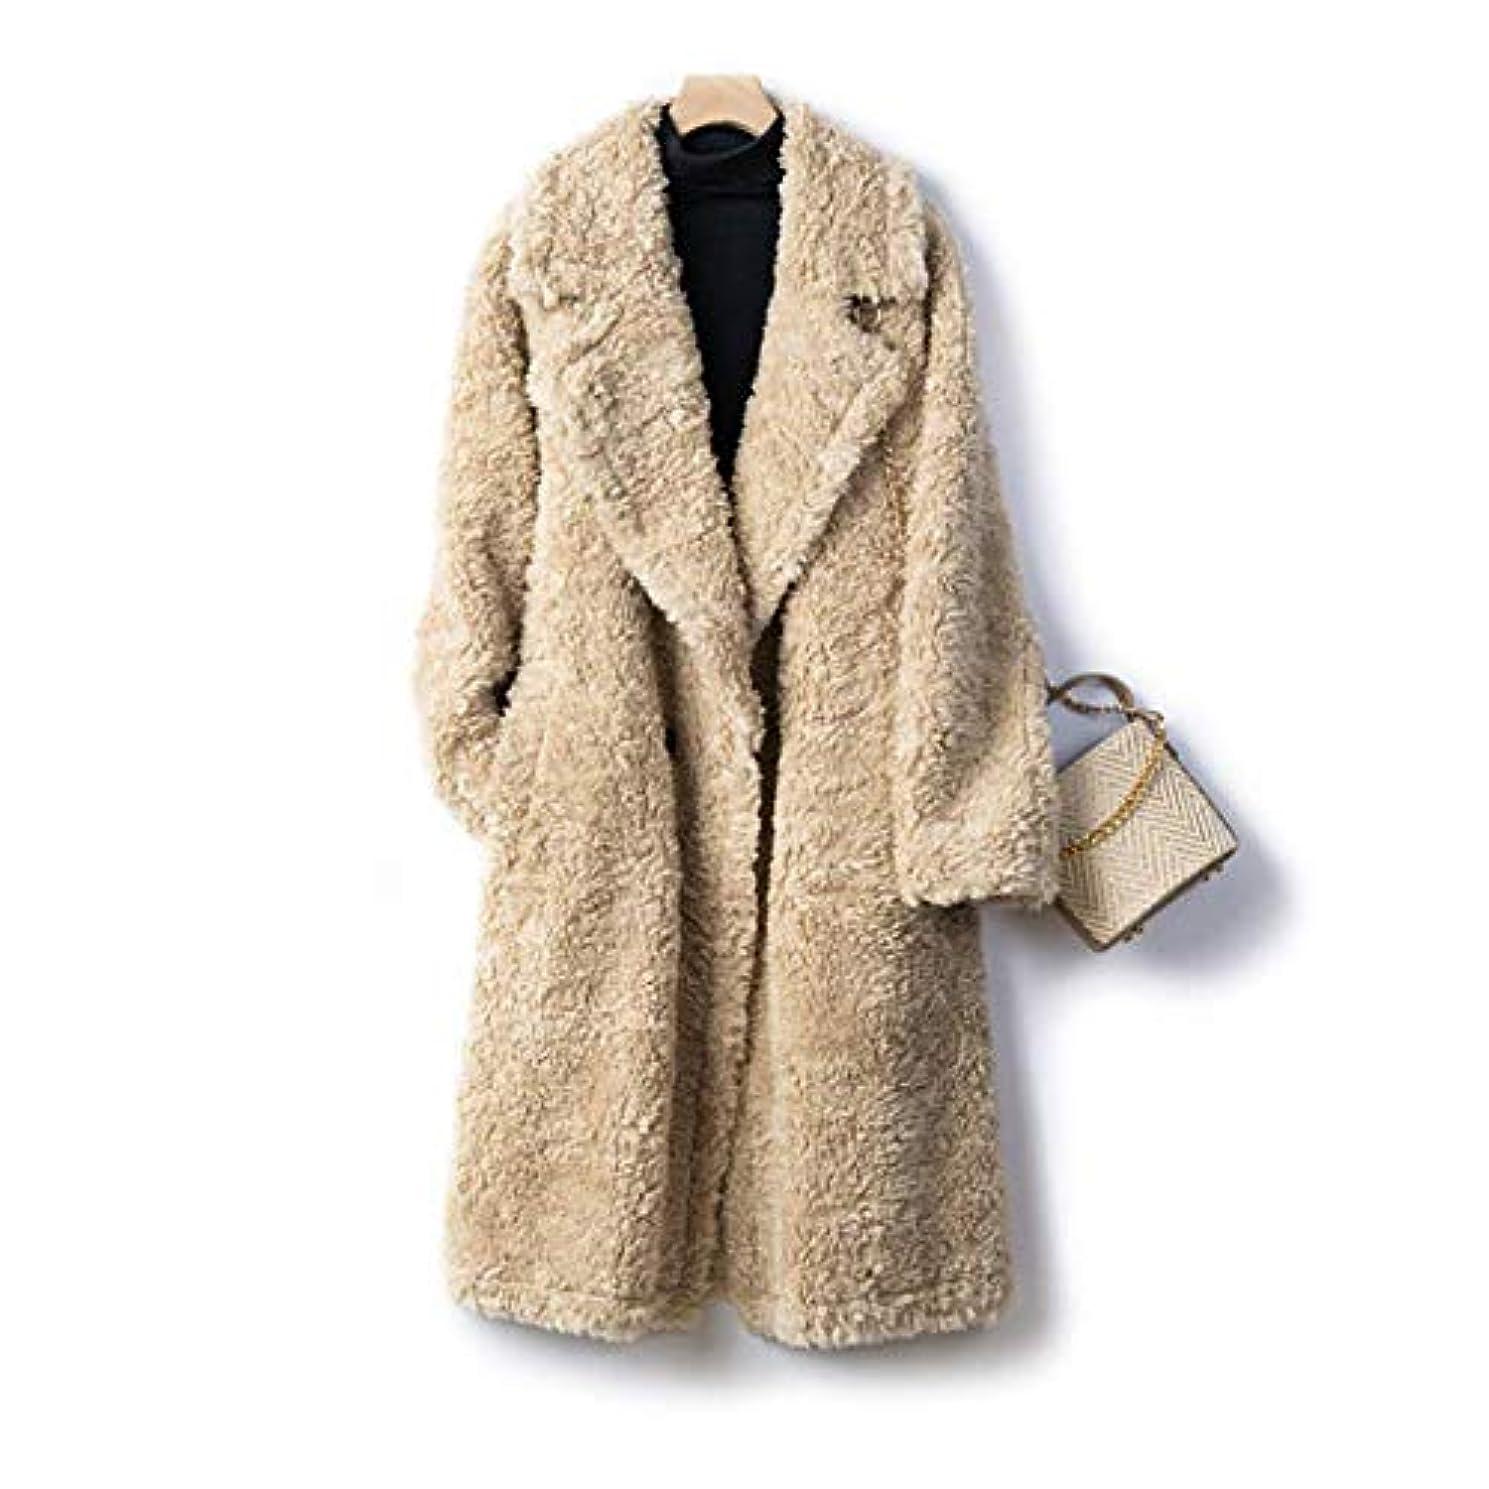 本物法医学宣教師厚いウールのコート、女性のコートレディースウインドブレーカージャケット厚い羊のせん断顆粒ロングコートの女性のウールコート19秋と冬の婦人服,A,M